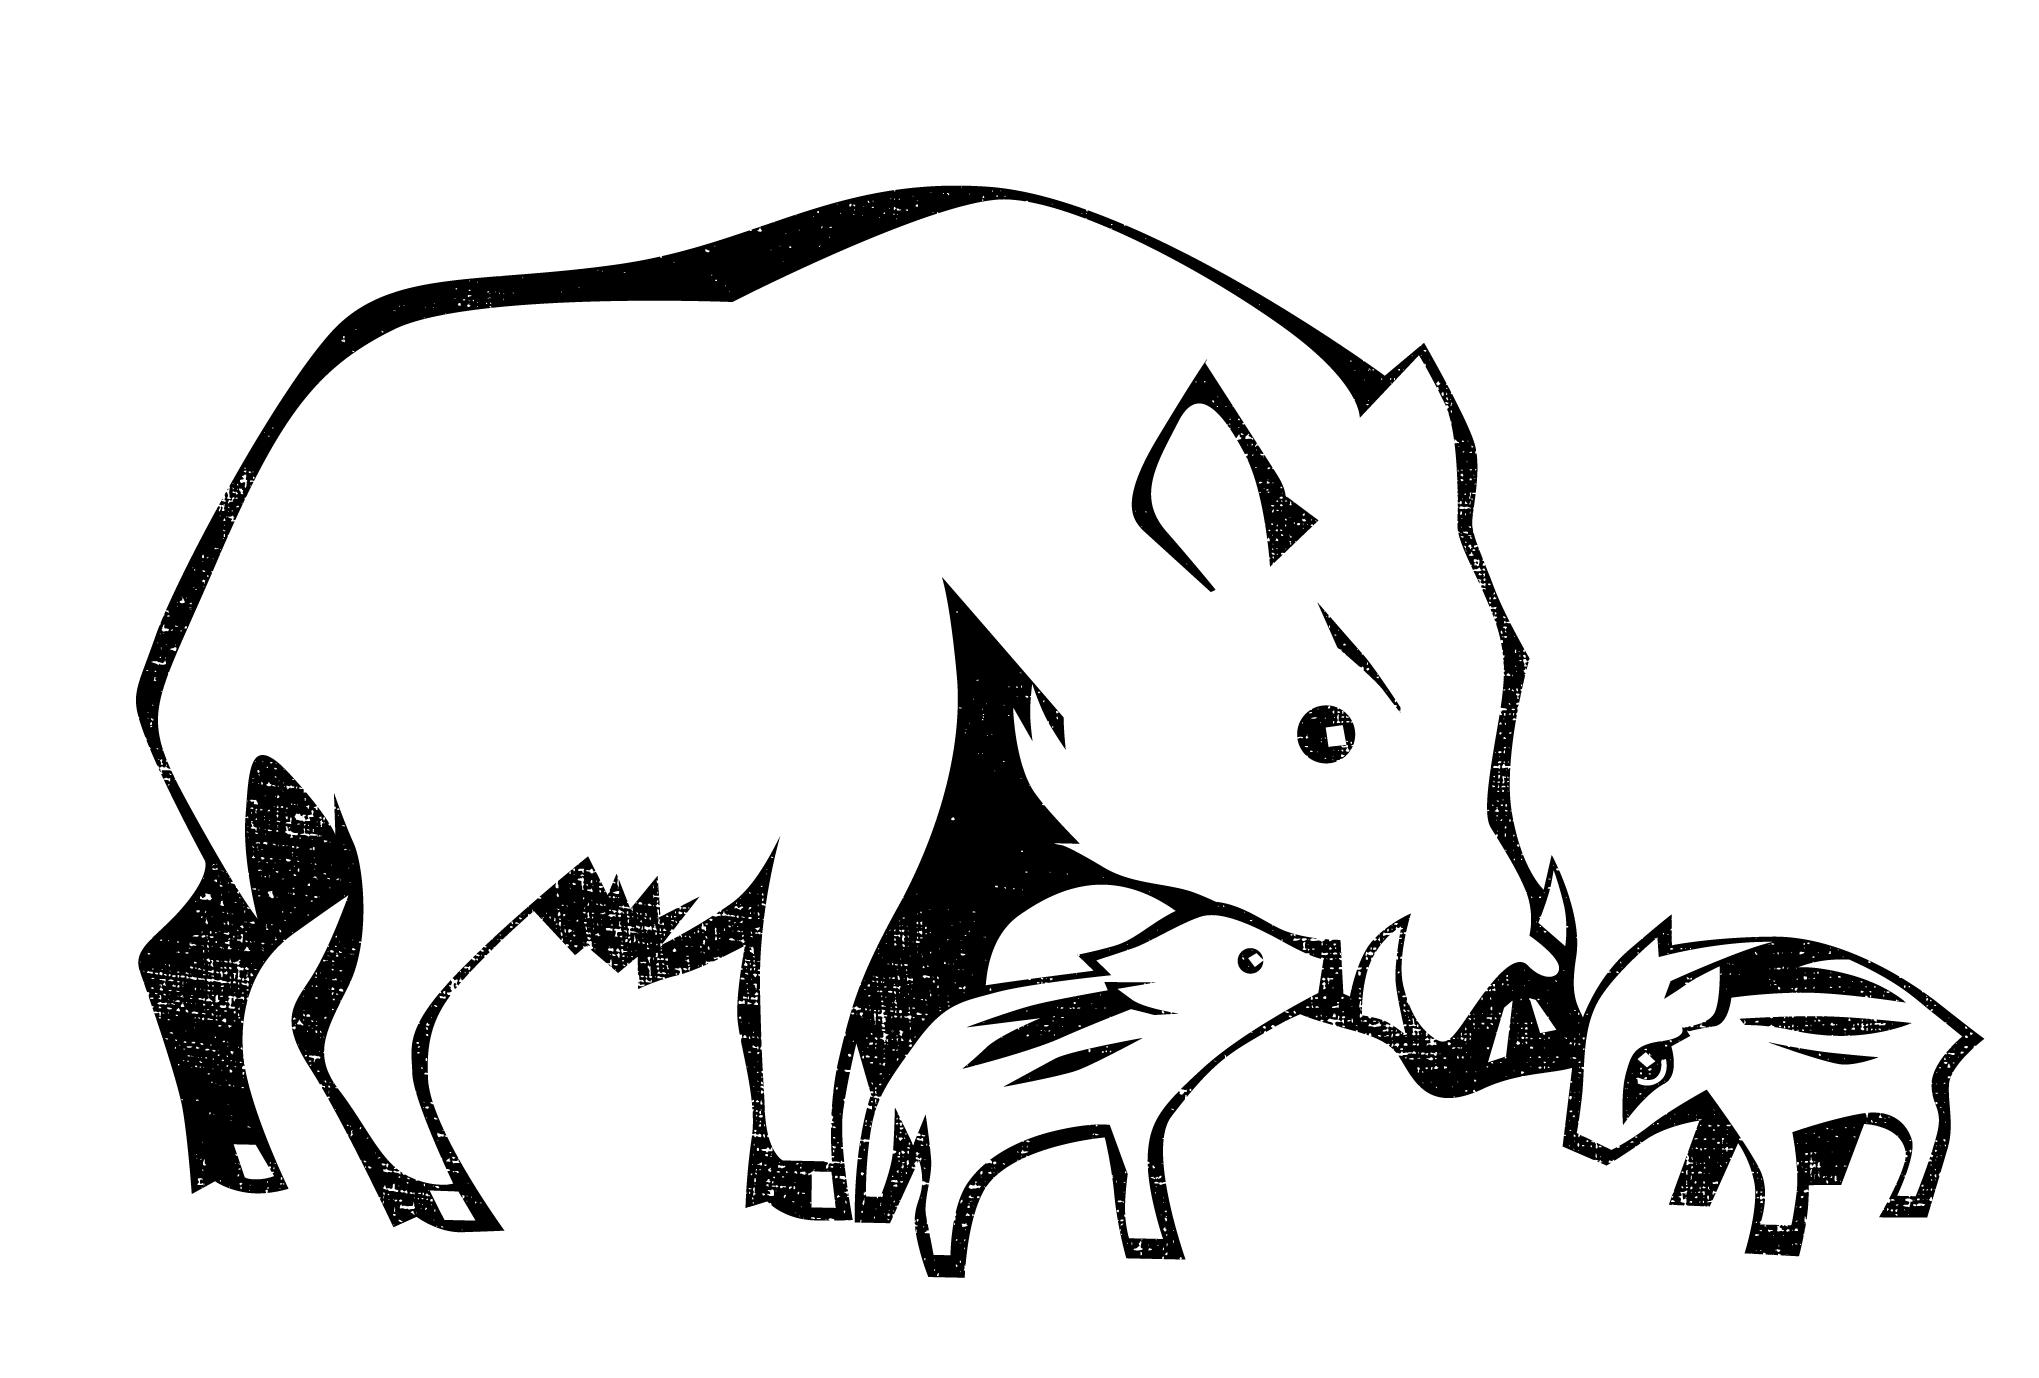 2019年賀状12-2:うりぼう / line drawingのダウンロード画像